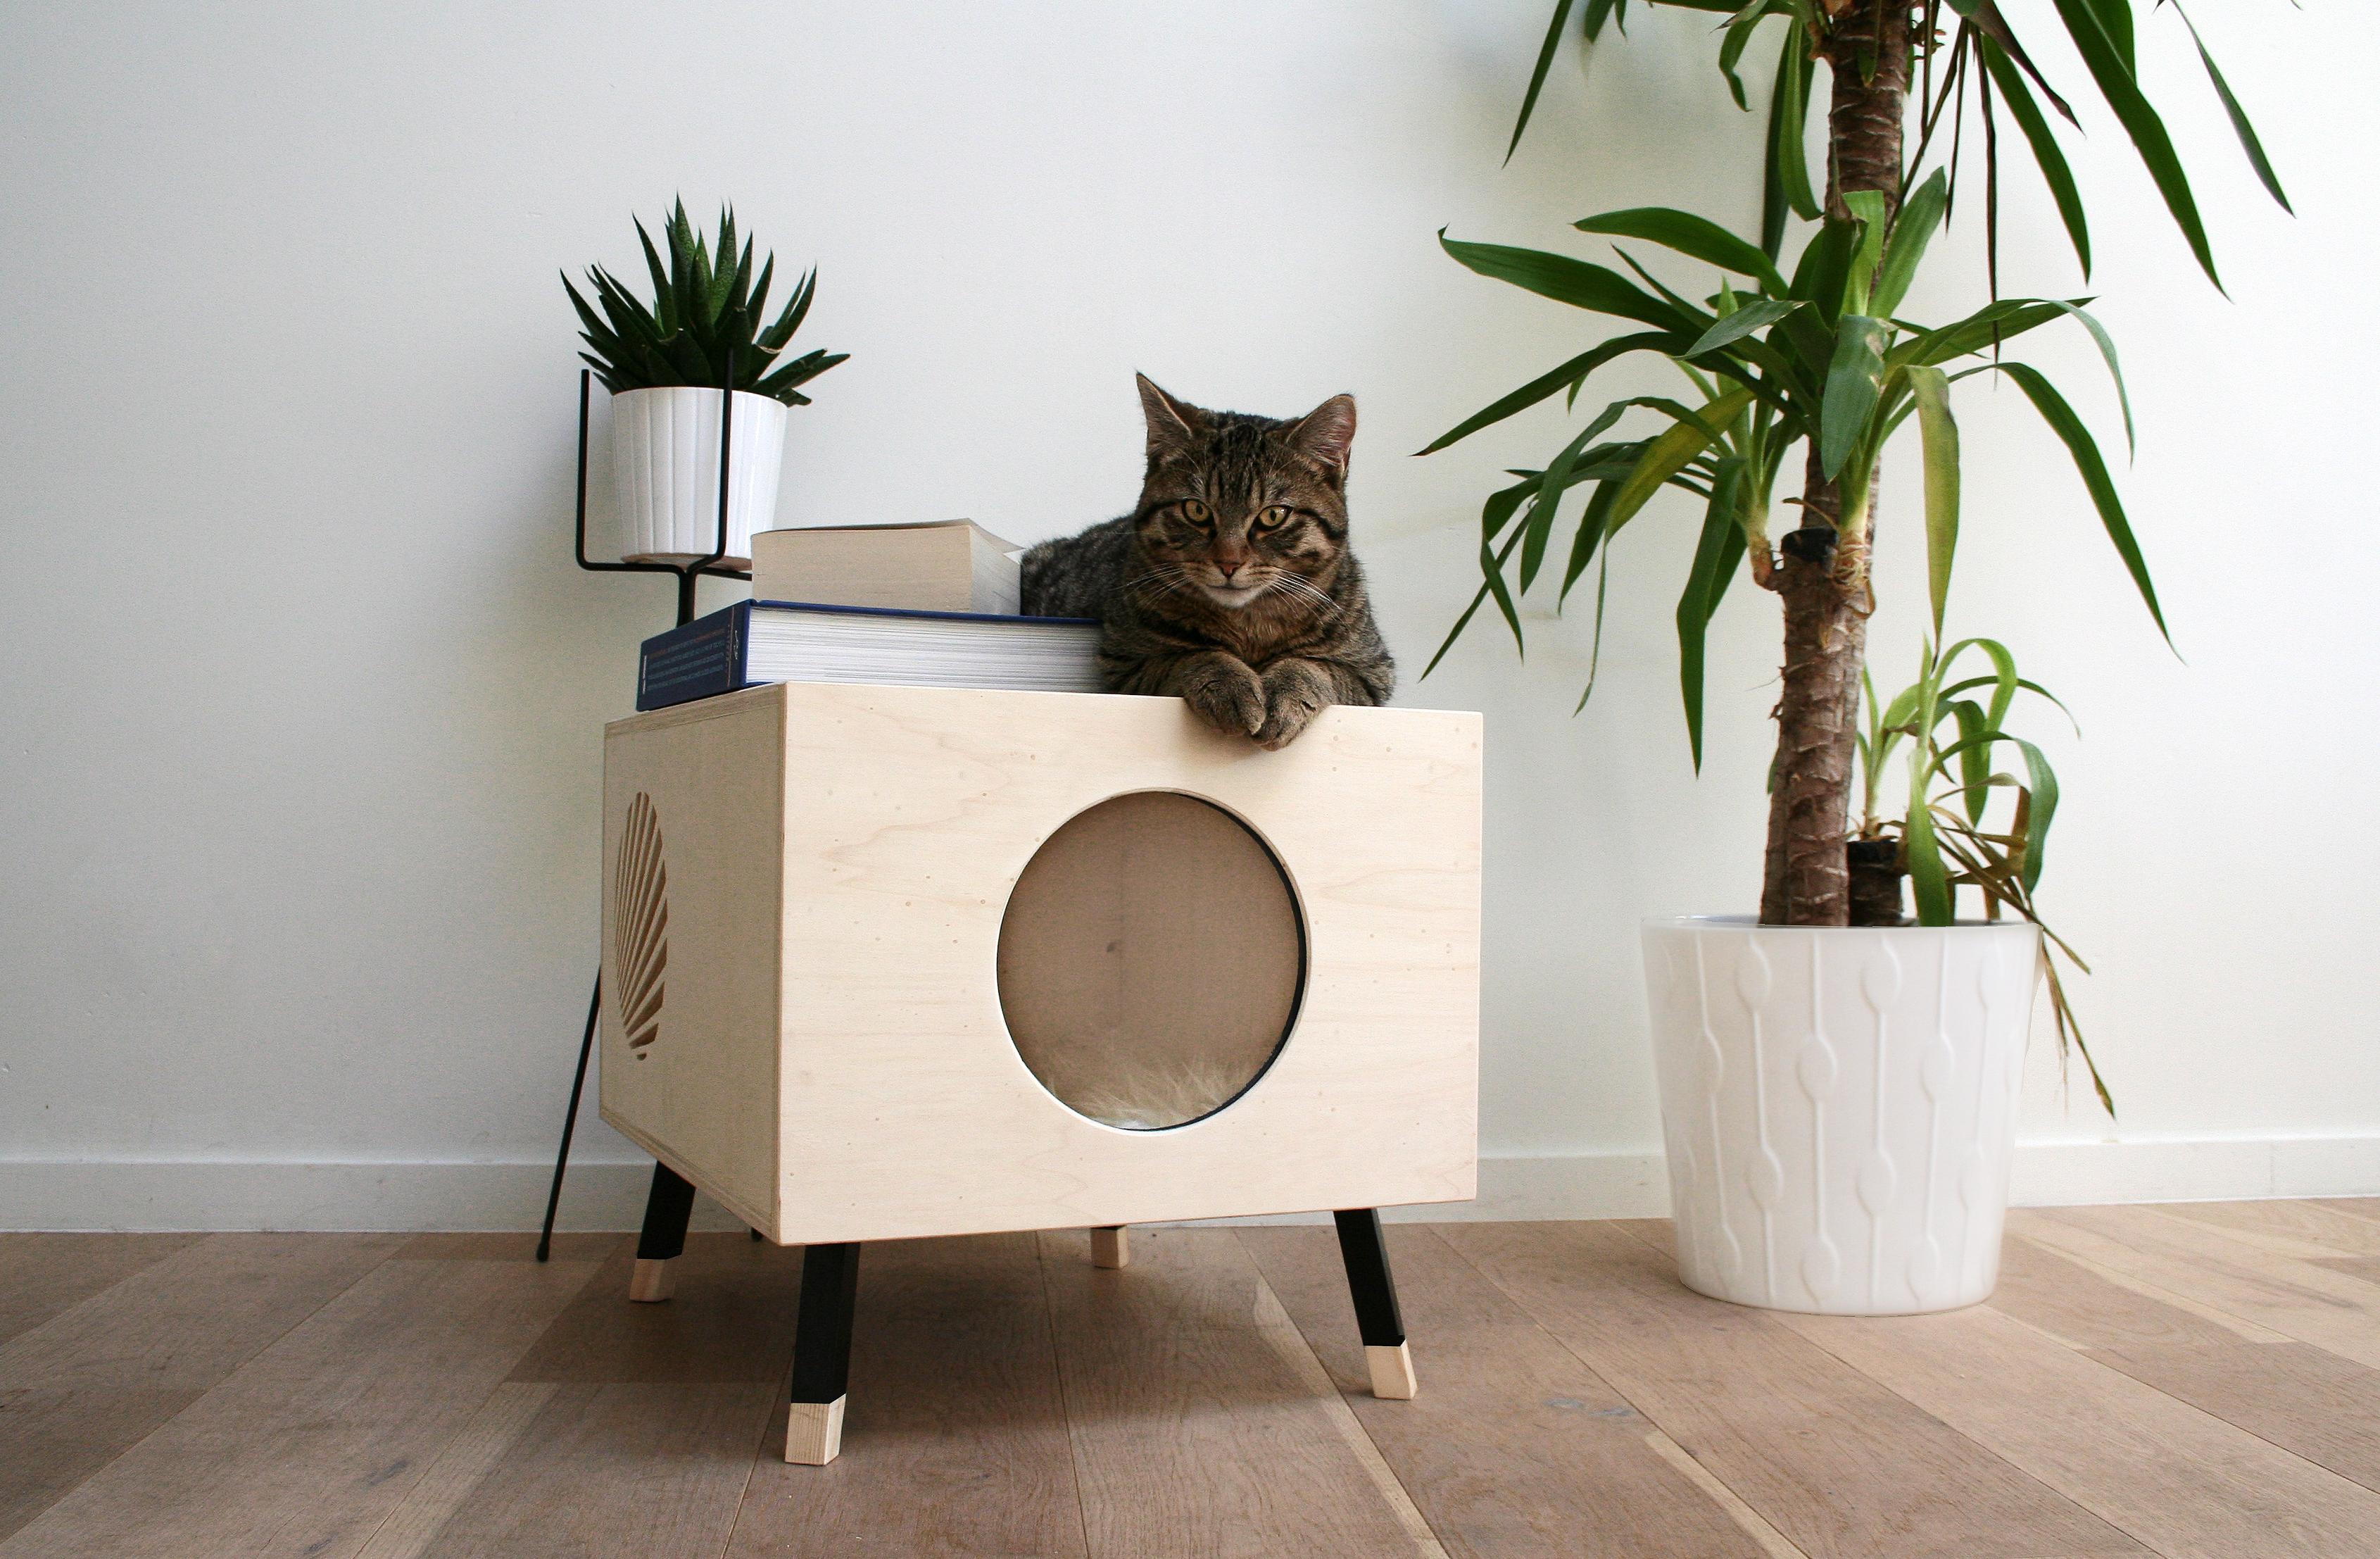 Design Voor Katten : Starters in design krab kunstletters beeldende kunst kunst